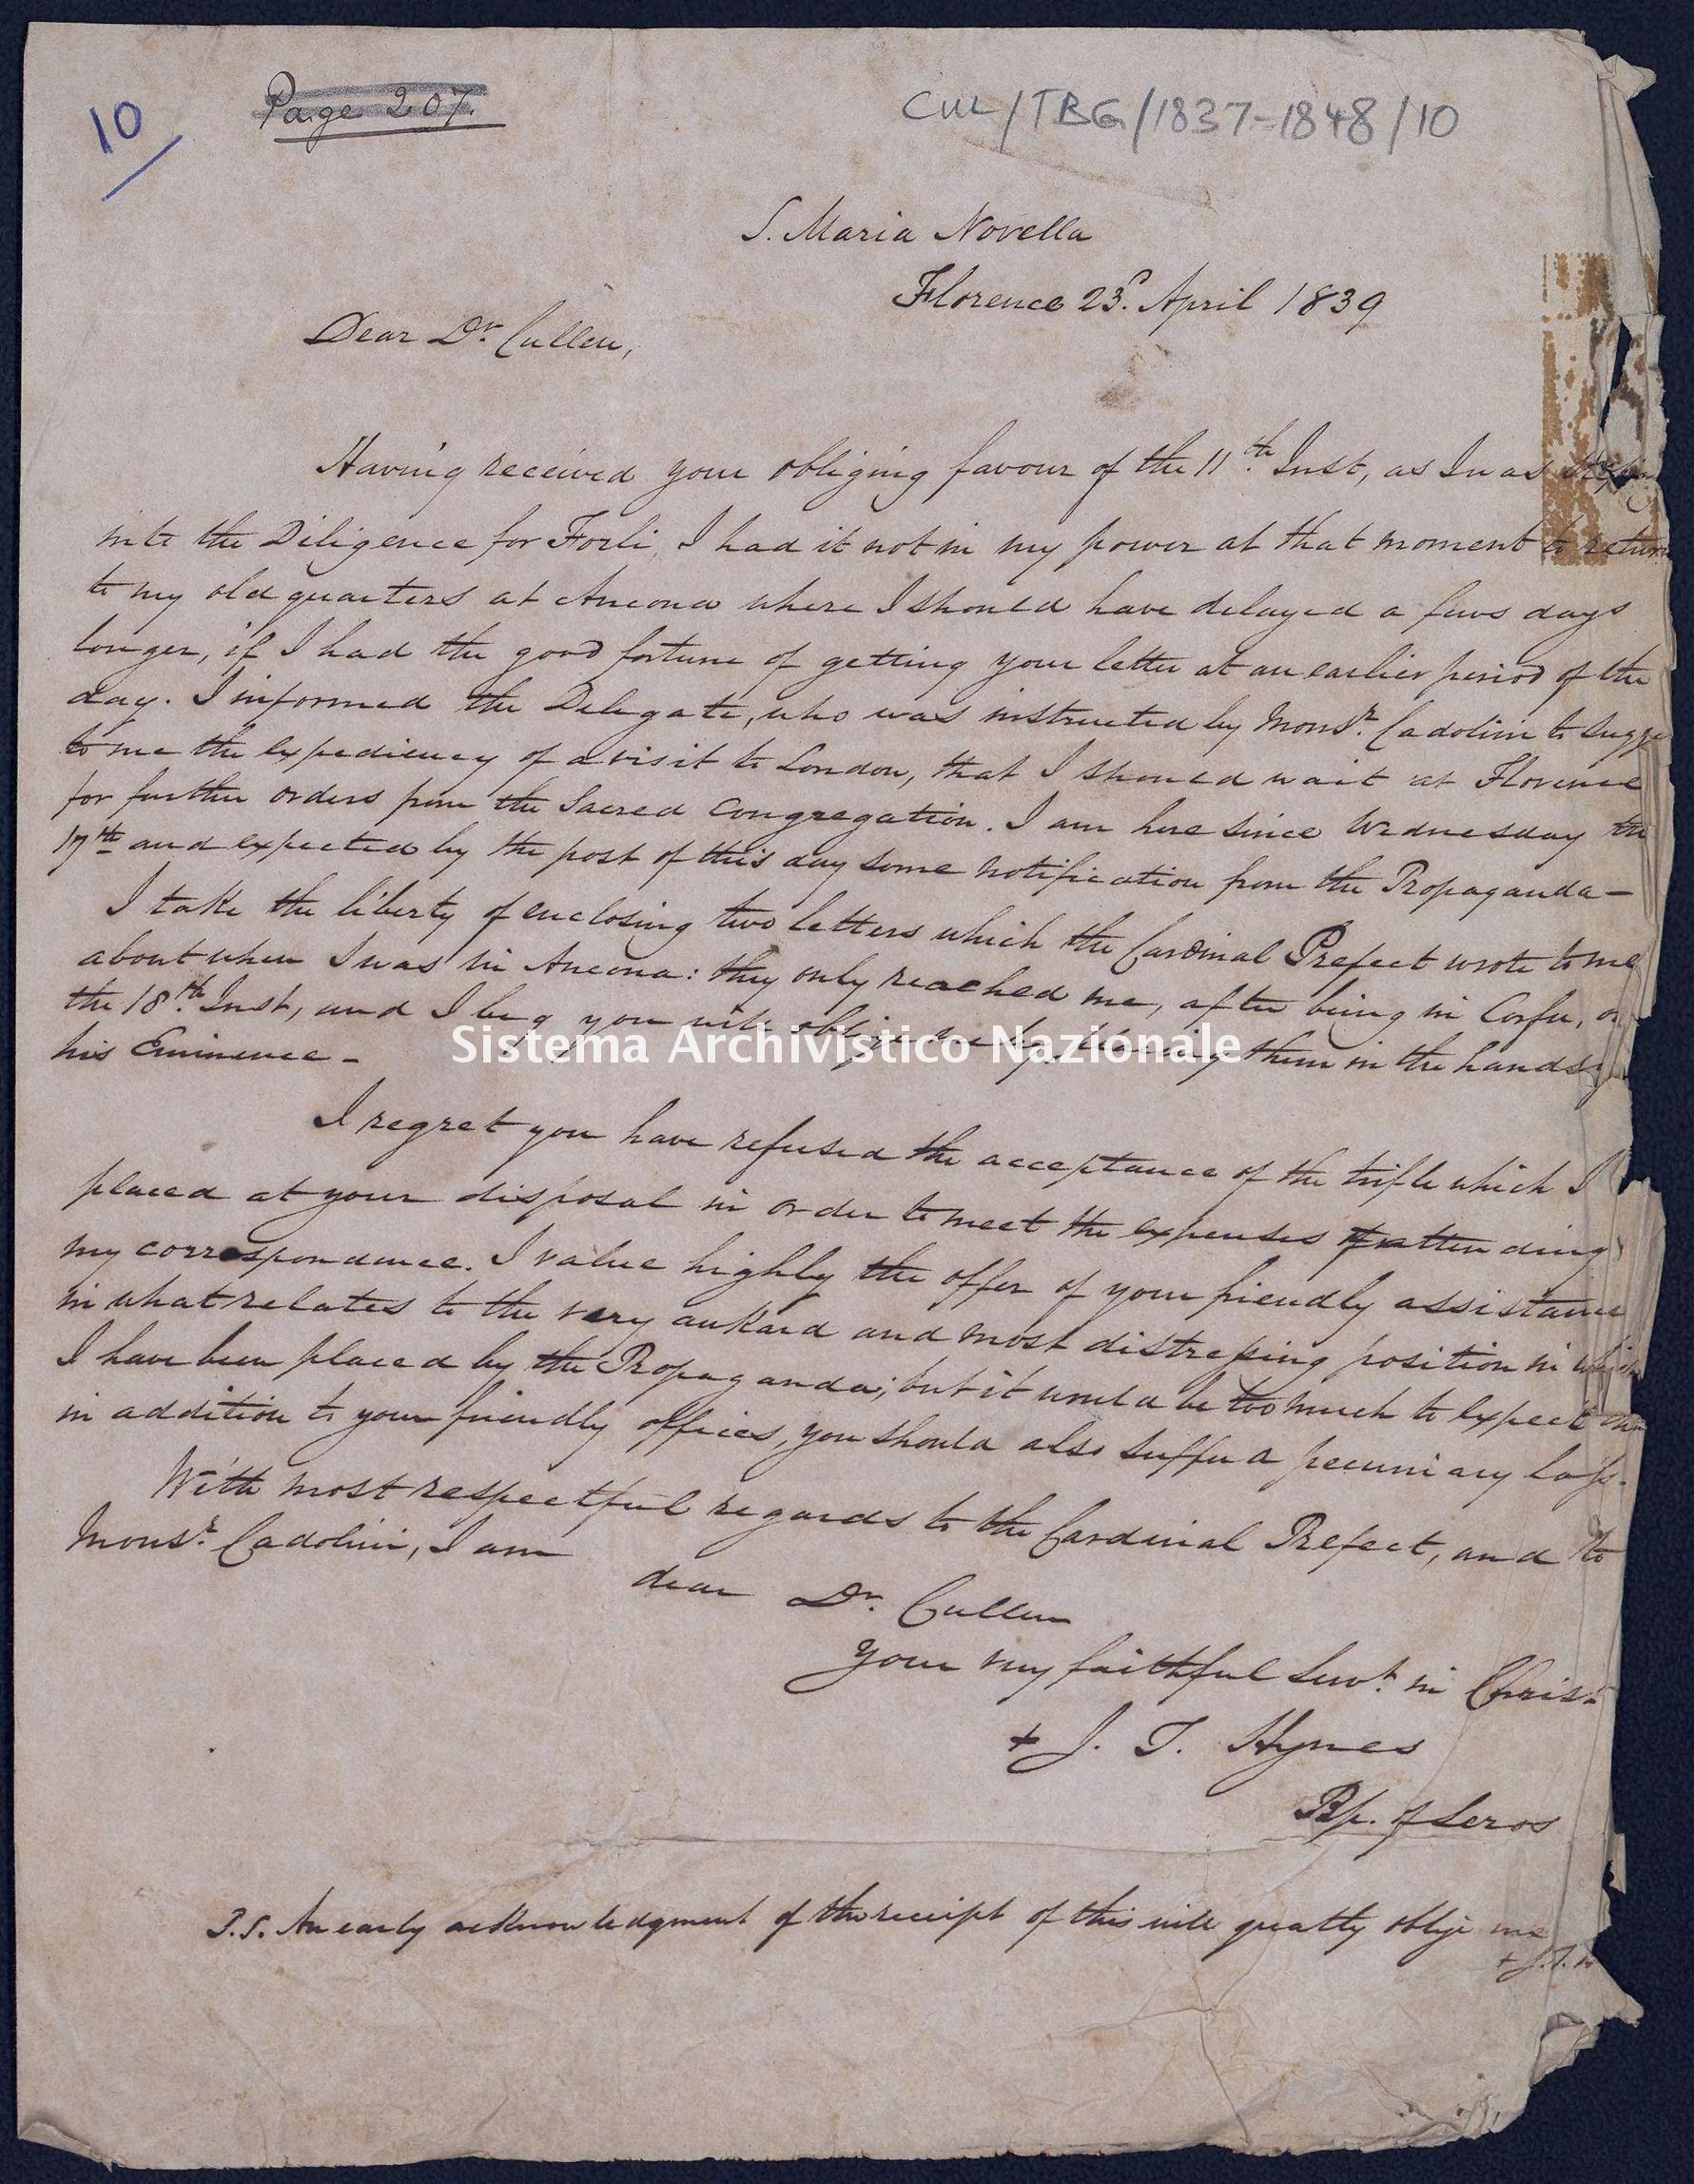 Pontificio Collegio Irlandese - Cullen_TBG_1839_10